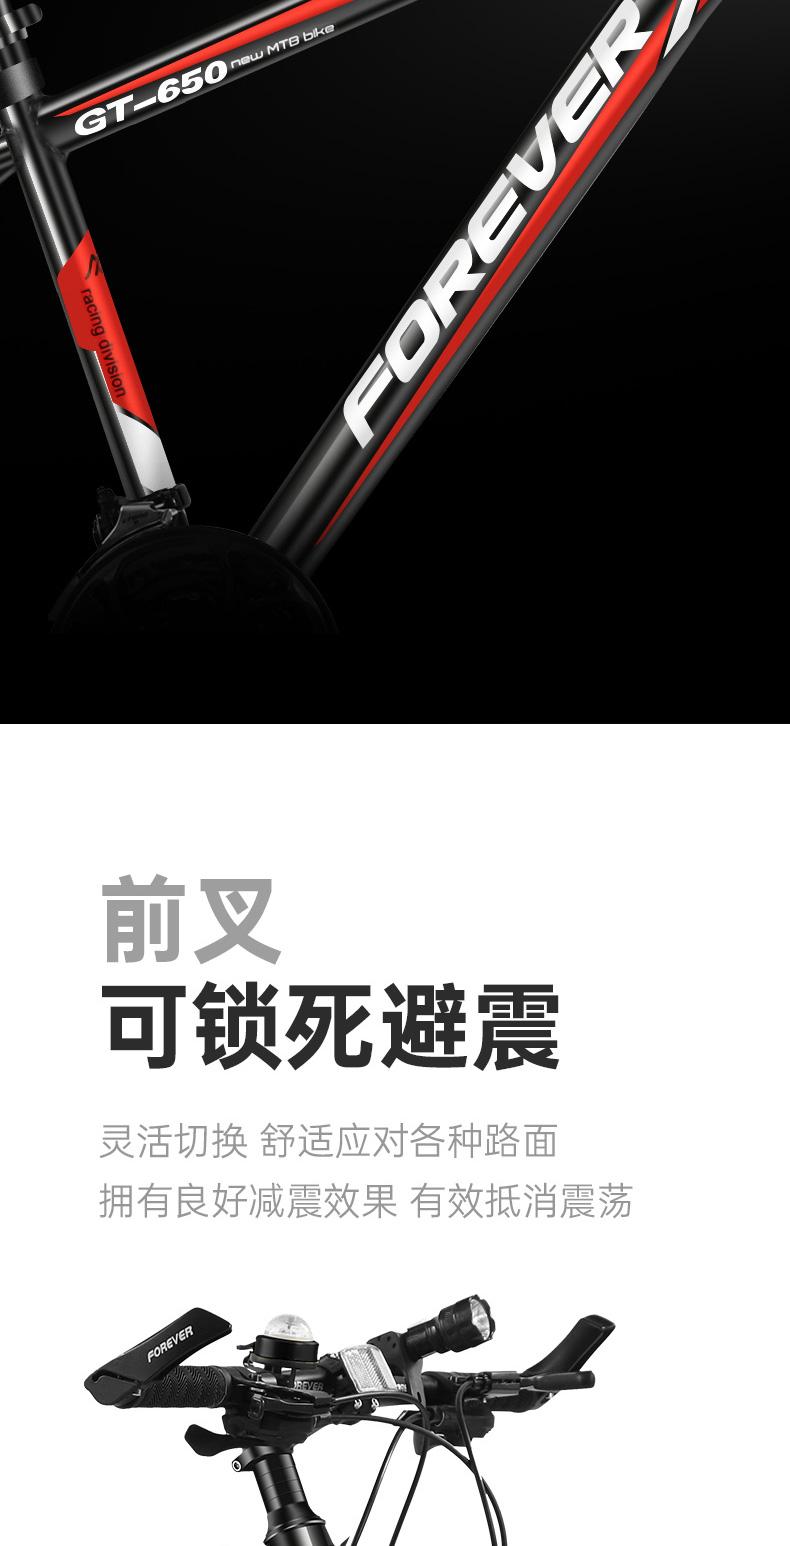 上海永久牌山地自行车成年人女式男士上班骑单车学生变速越野赛车详细照片